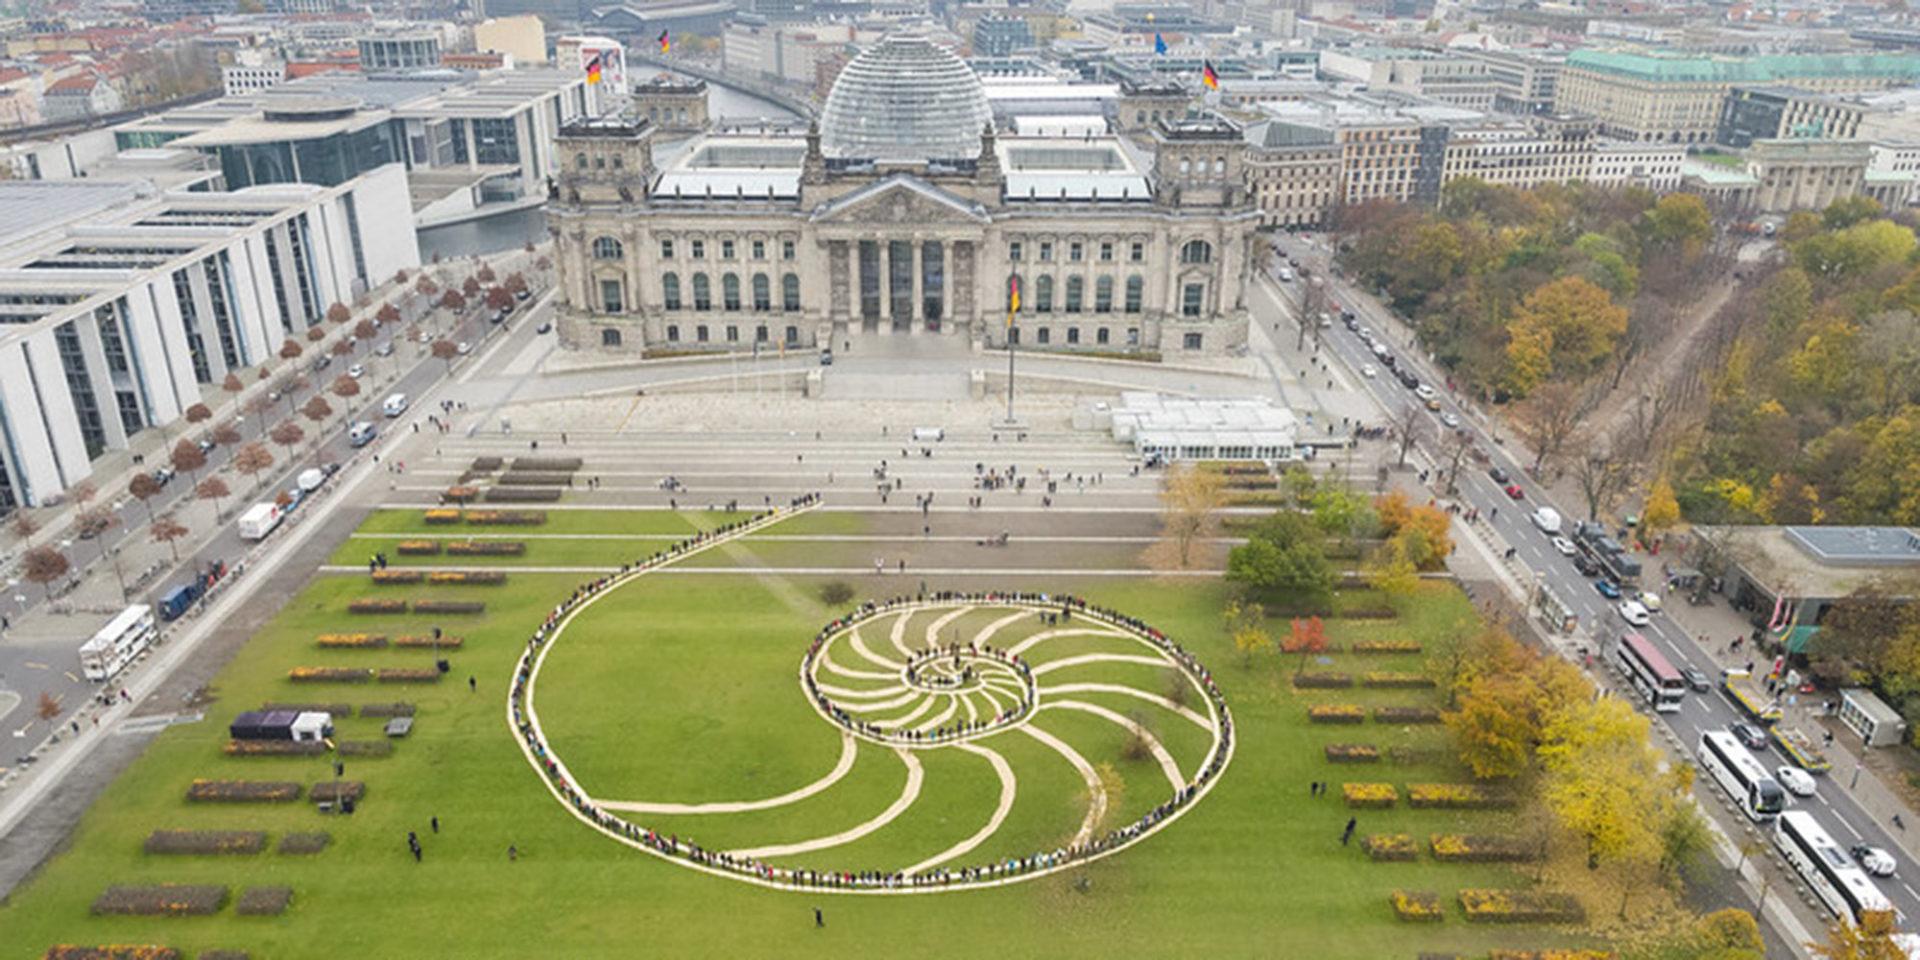 """Die Luftaufnahme zeigt den Reichstag in Berlin mit der davor liegenden Wiese, auf dieser ist der Schriftzug """"Democracy for Future"""" zu lesen."""